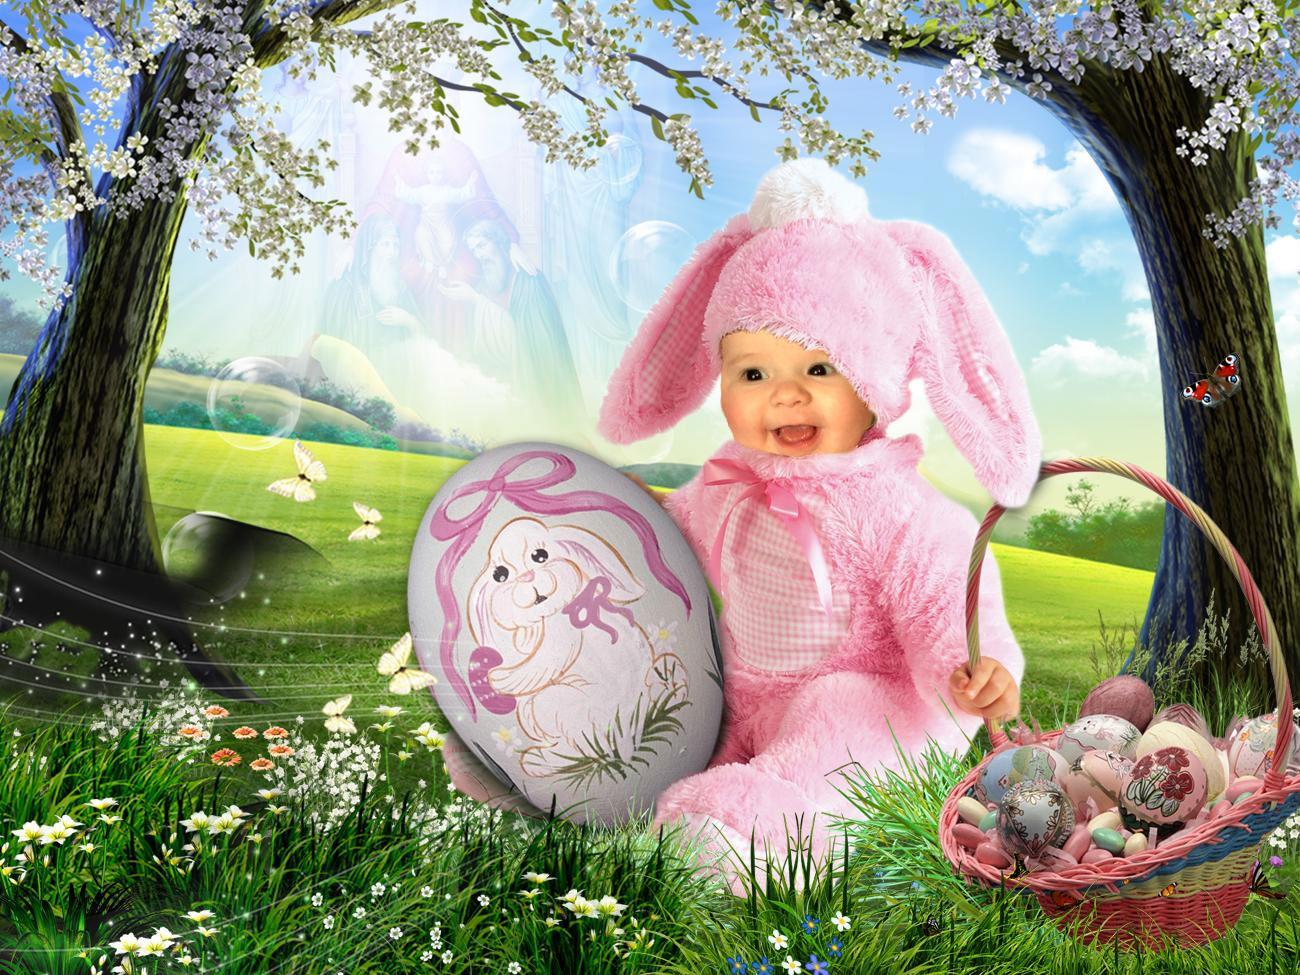 Розовый зайчик. Фотоколлажи, обработанные фото